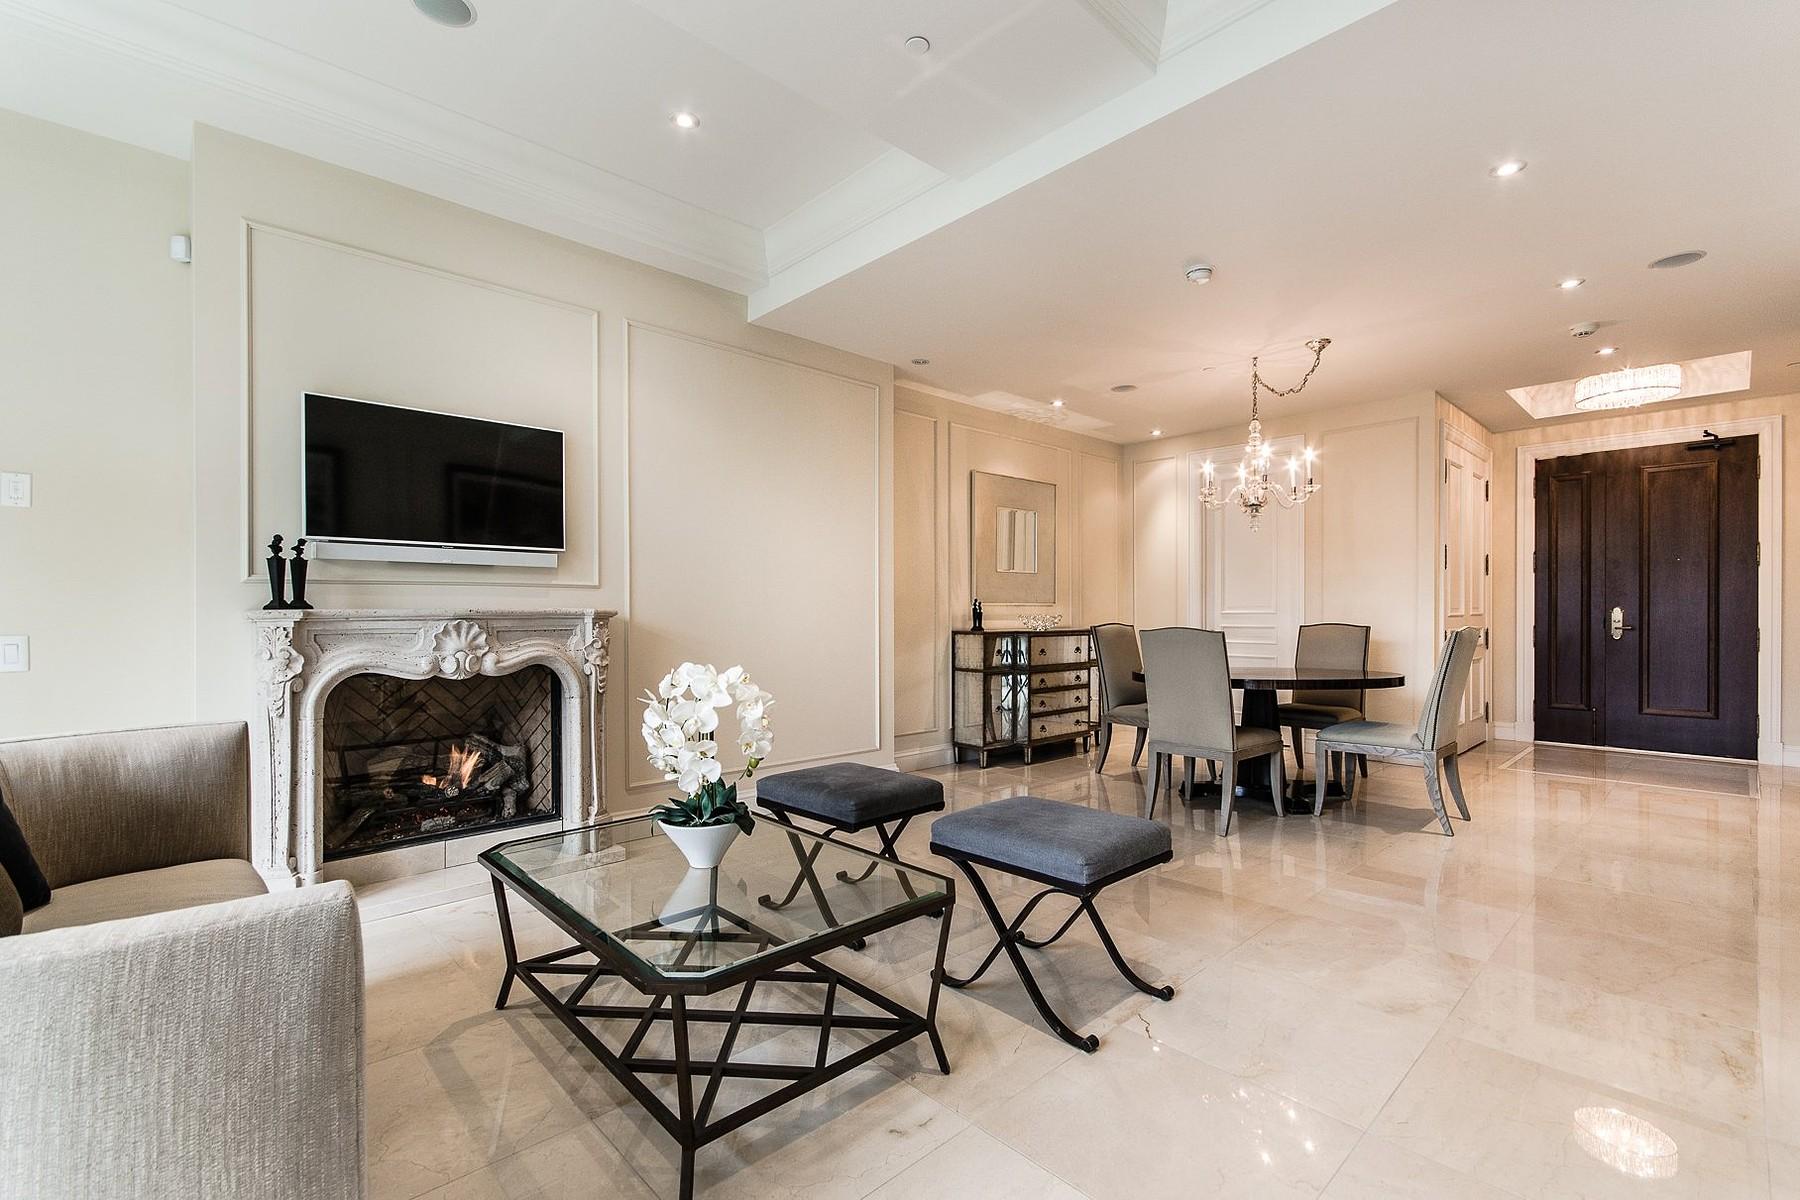 Частный односемейный дом для того Продажа на Ville-Marie (Montréal), Montréal 3150 Place de Ramezay, Apt. 103 Other Quebec, Квебек H3Y0A3 Канада